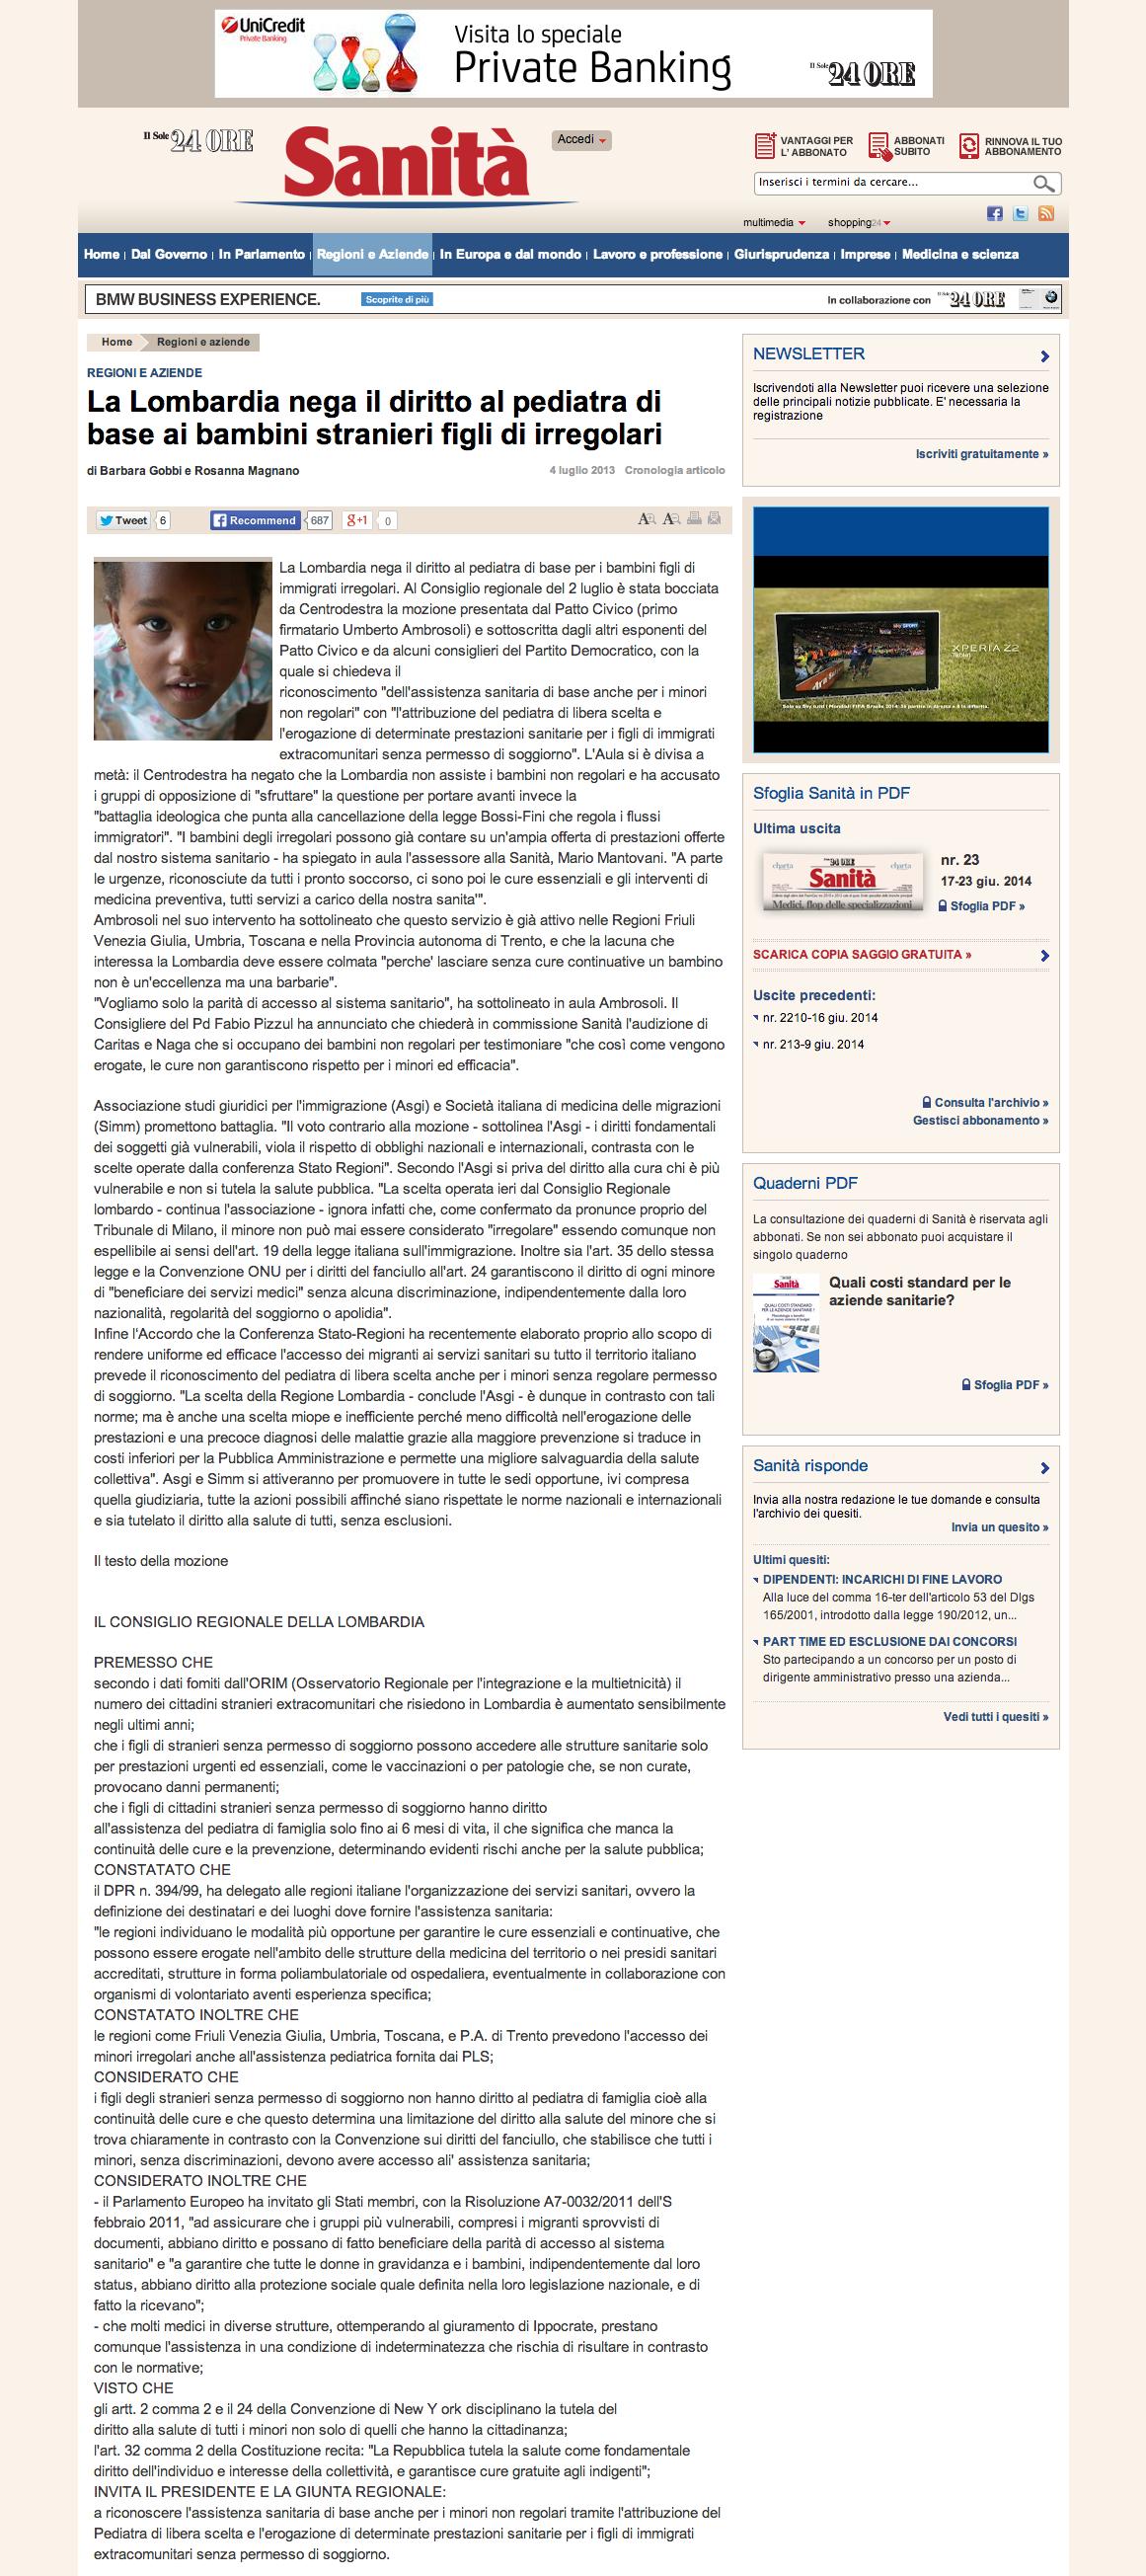 La Lombardia nega il diritto al pediatra di base ai bambini stranieri figli di irregolari Sanita Il Sole 24 ORE